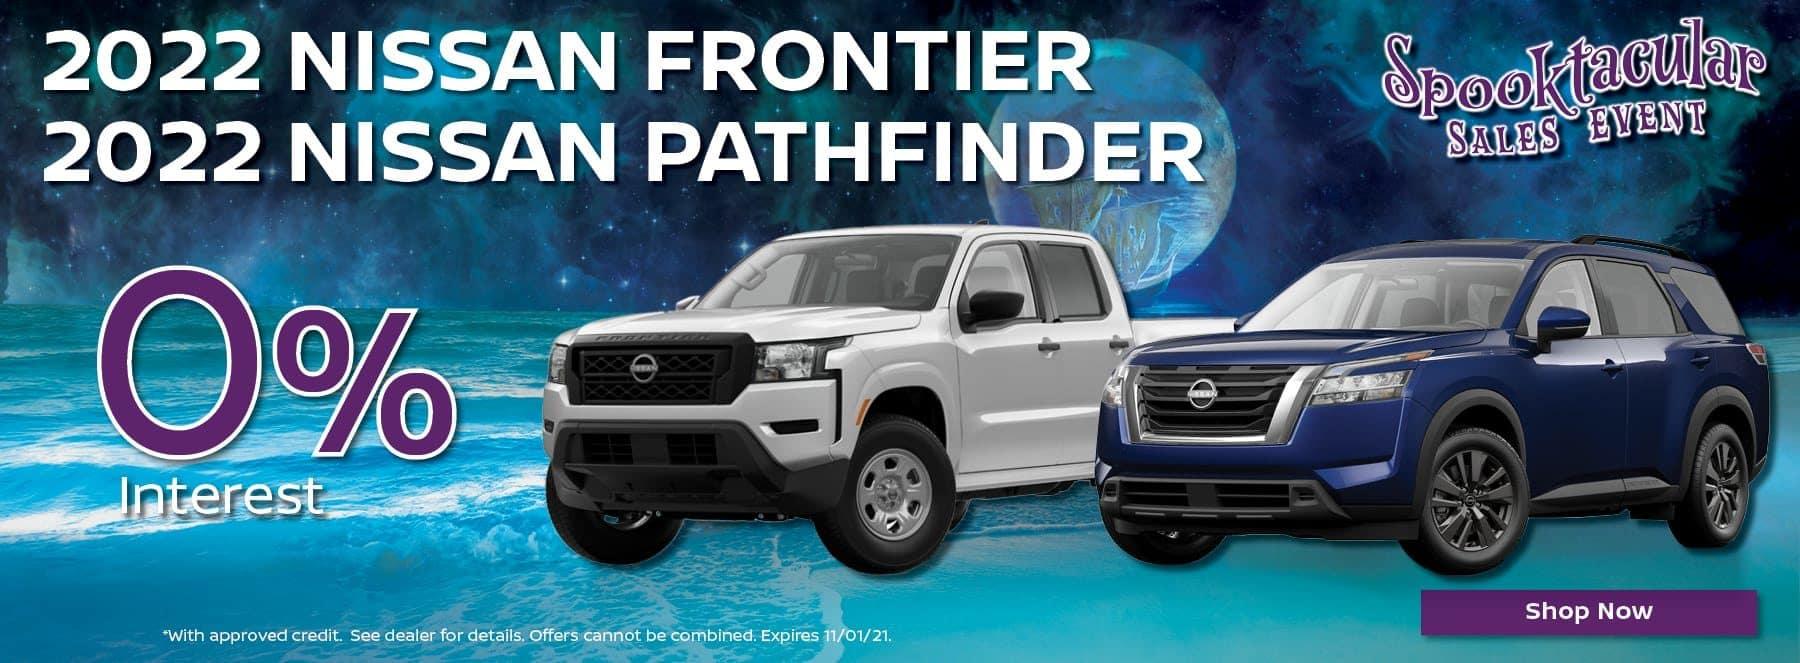 22 FrontierPathfinder